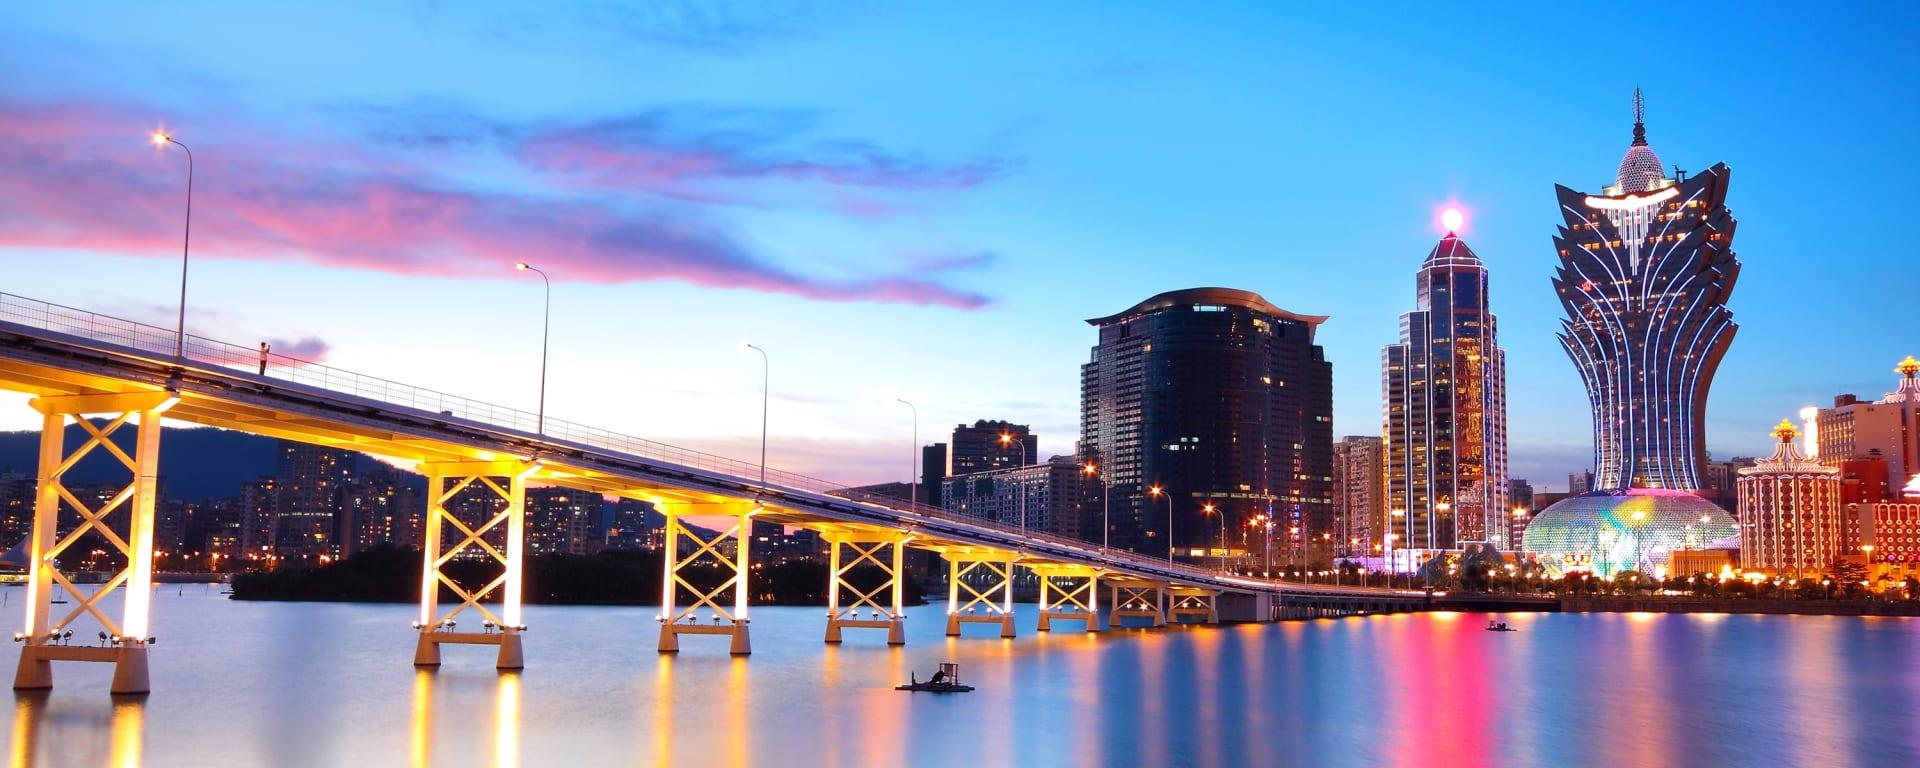 Macau entdecken mit Tischler Reisen: Macau Stadtansicht Brücke